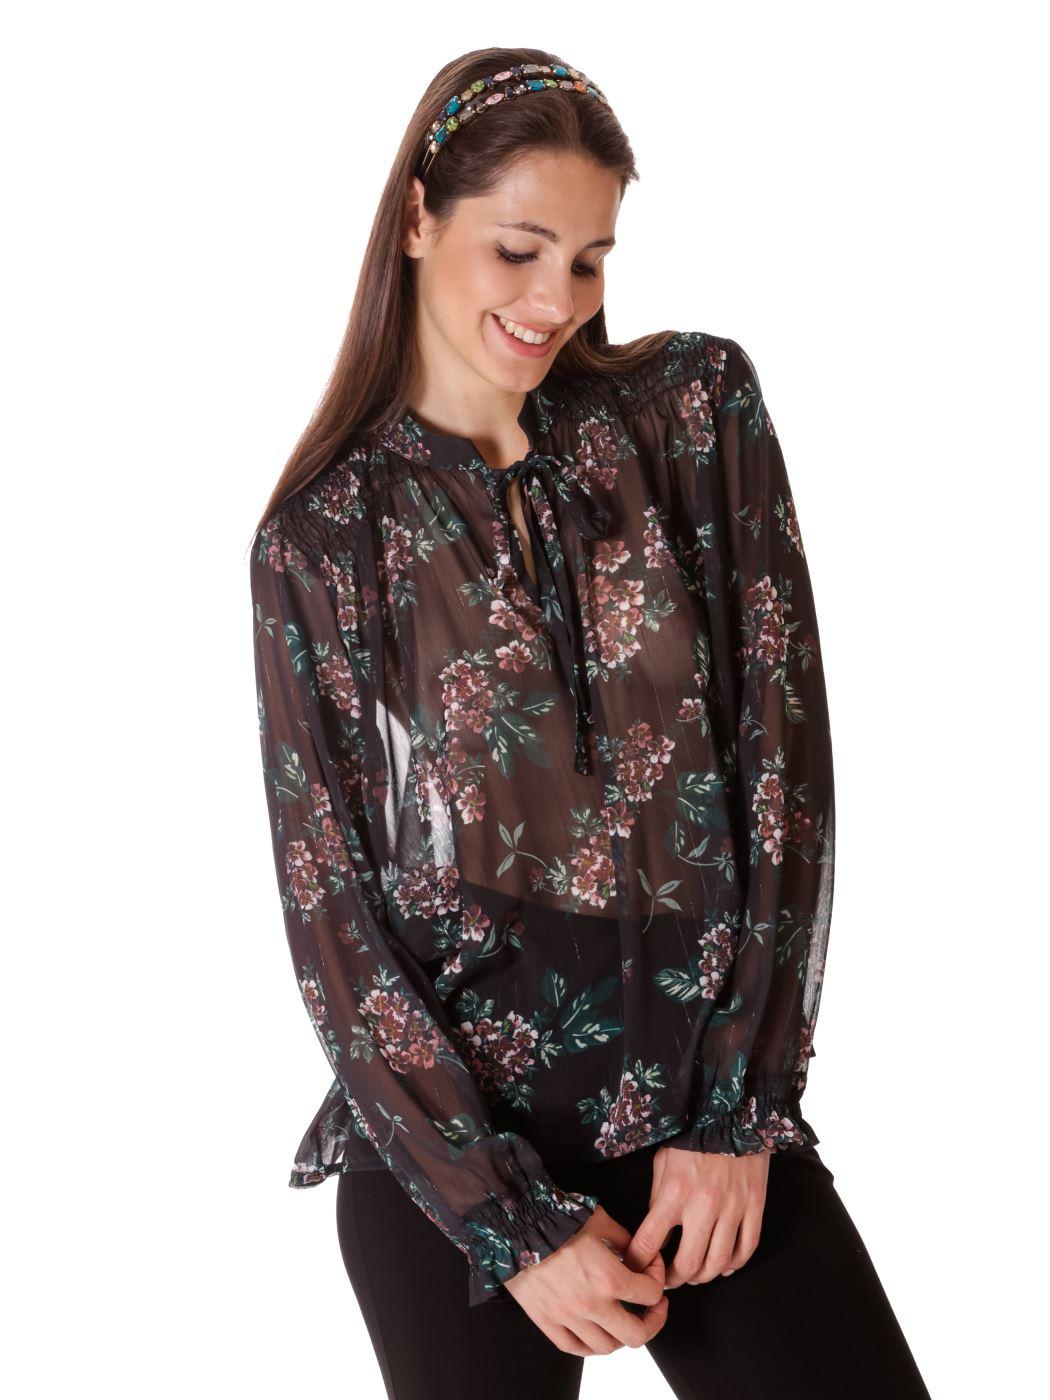 Blusa stampa floreale lurex